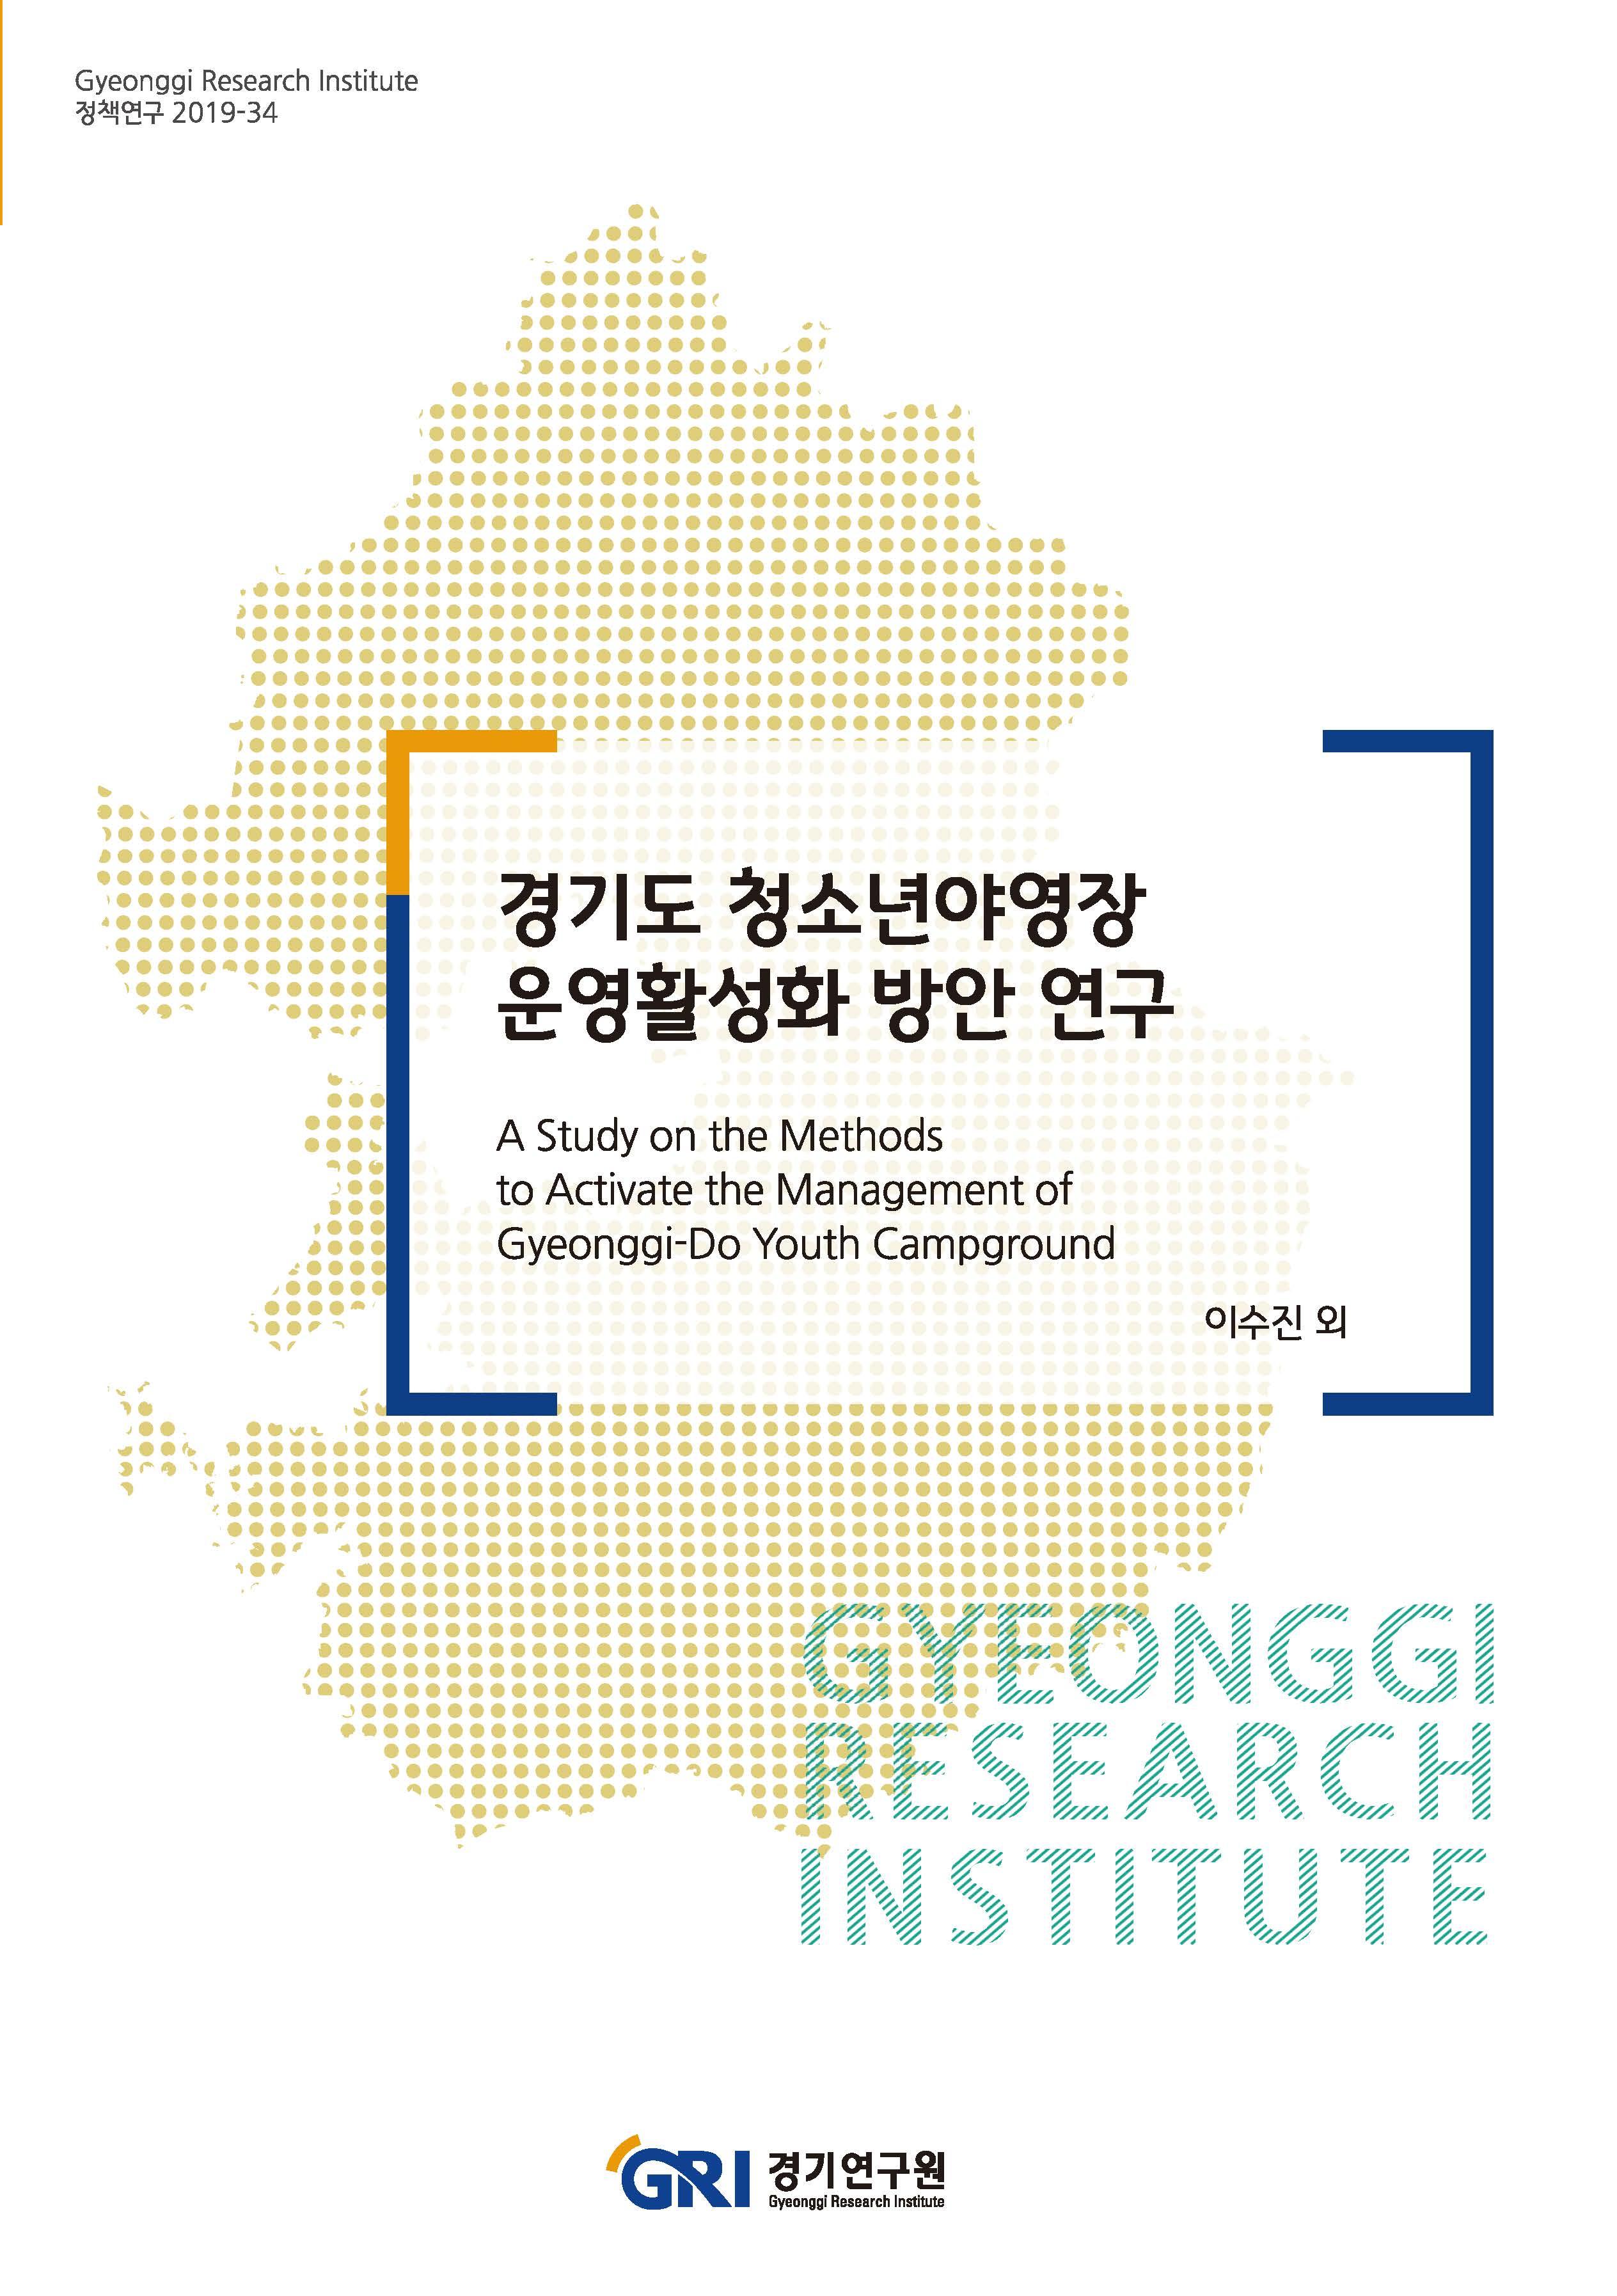 경기도 청소년야영장 운영활성화 방안 연구